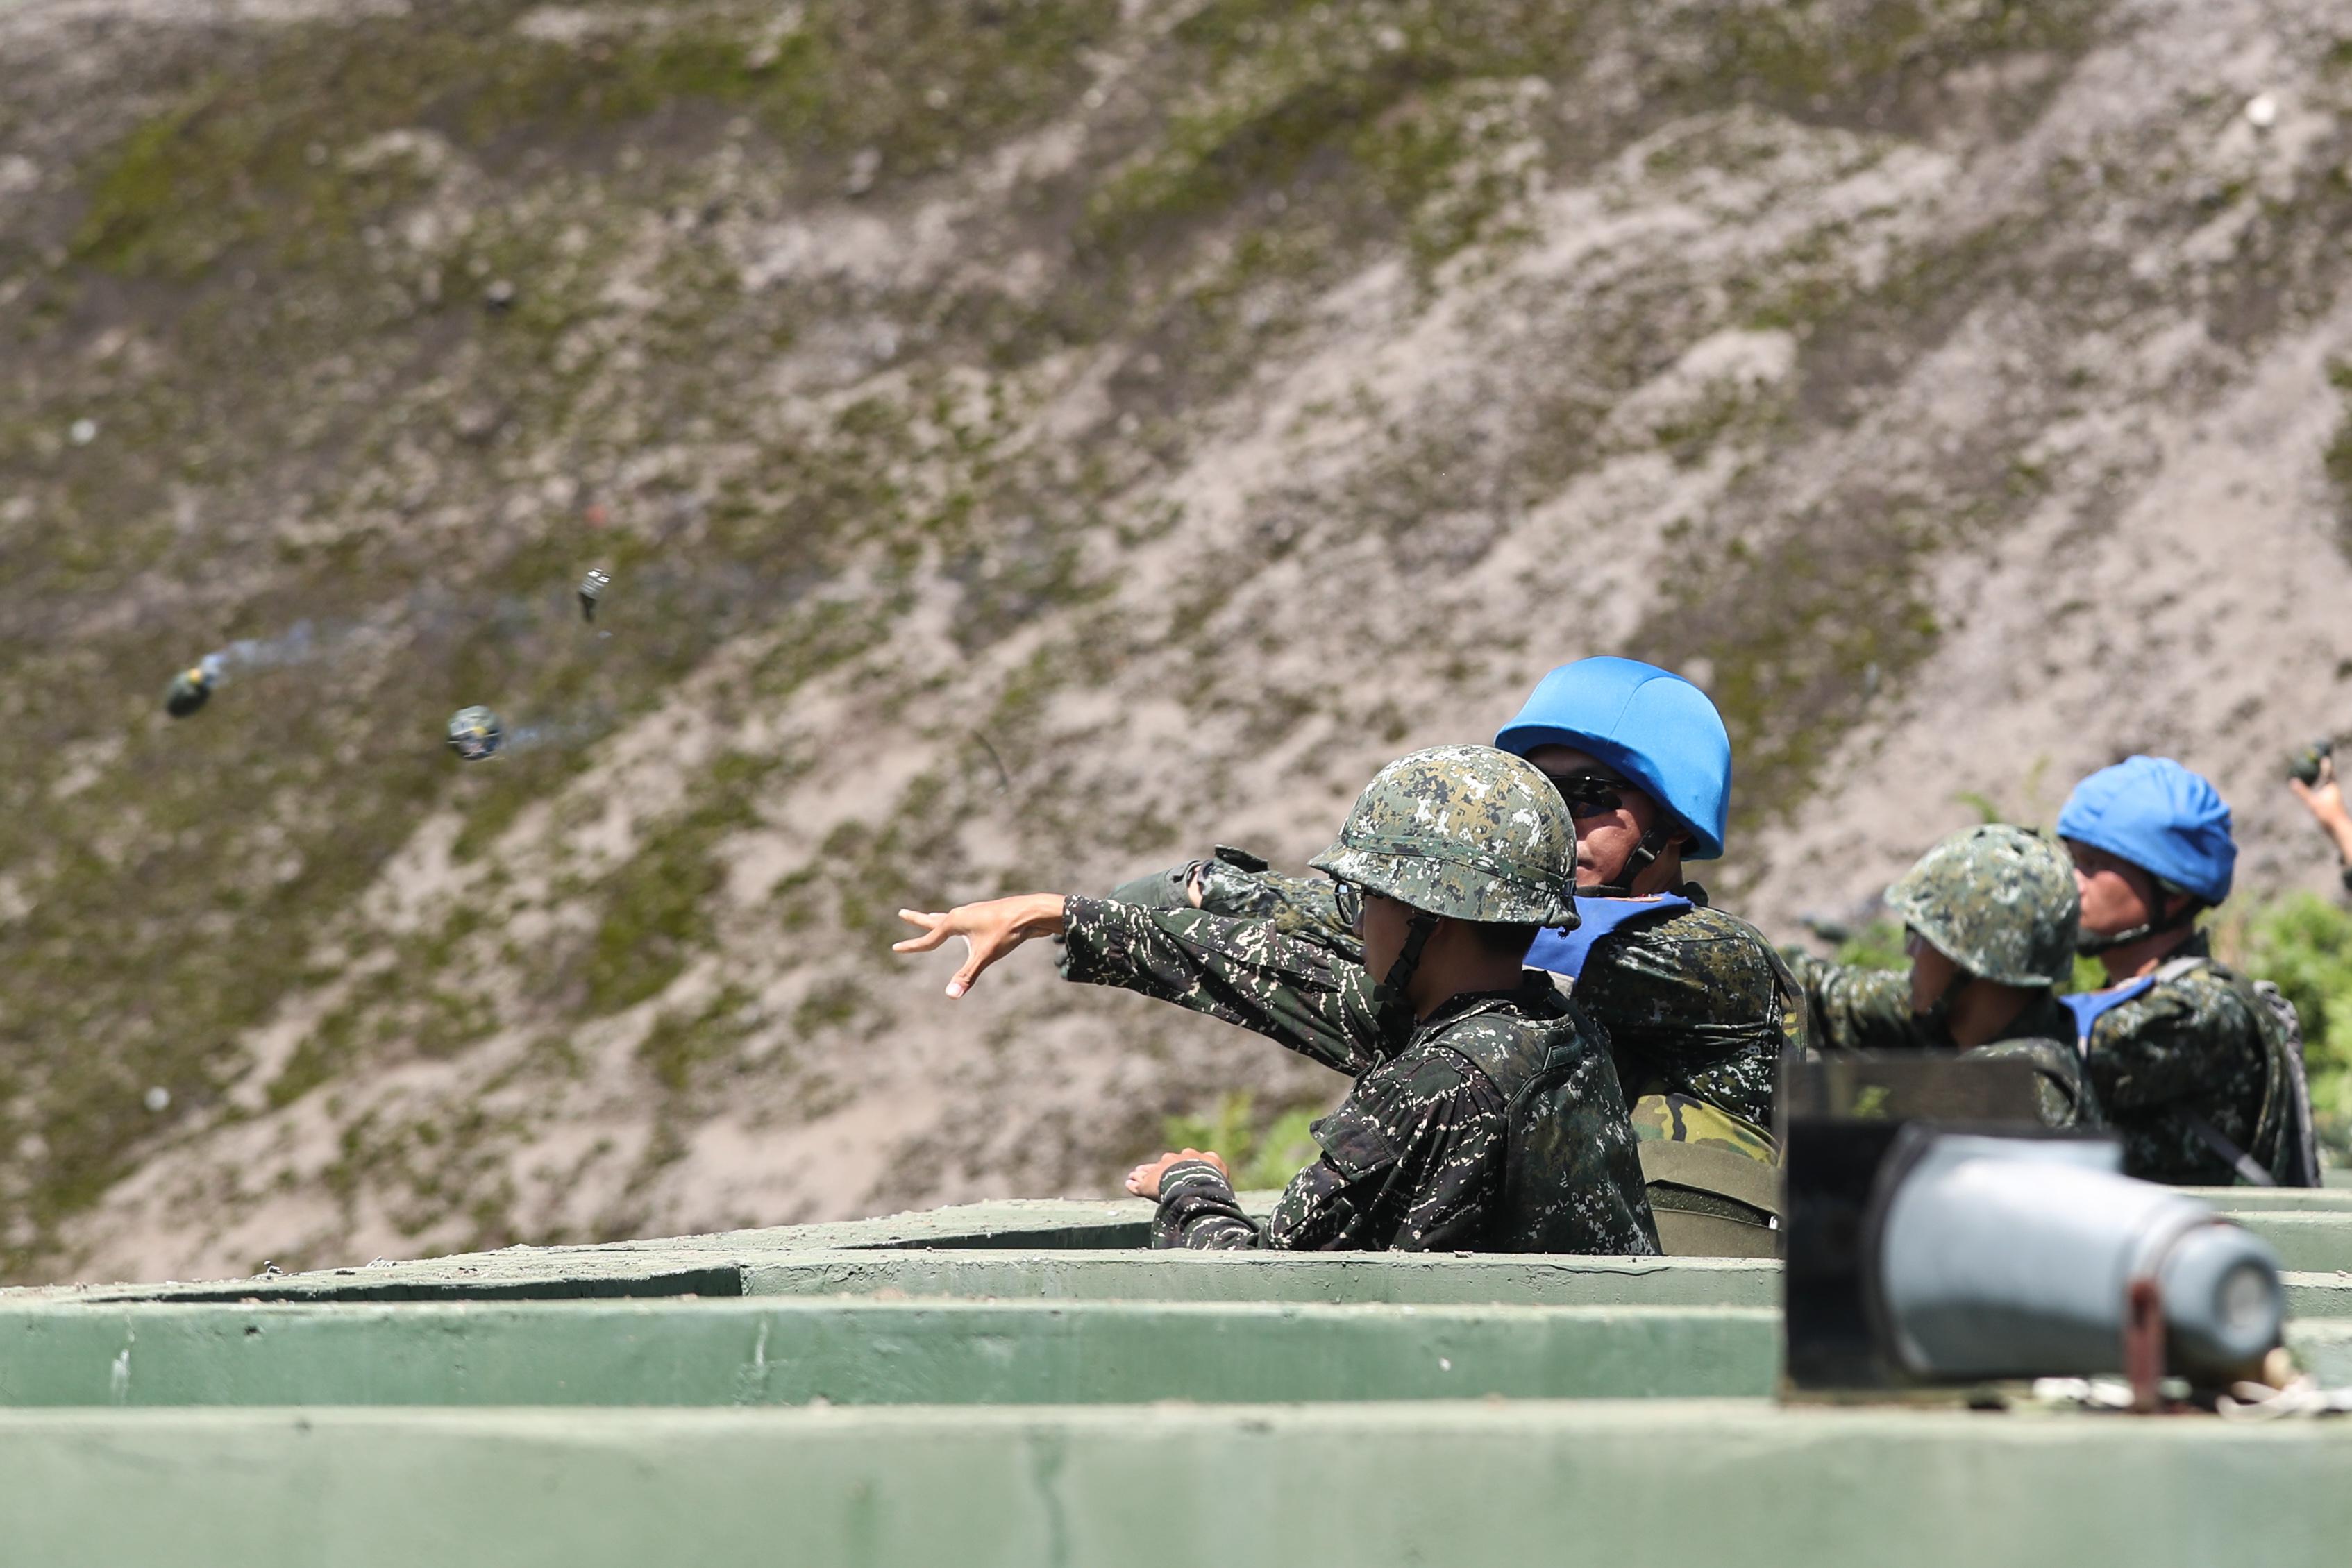 Grenade throwing helps combat battlefield stress